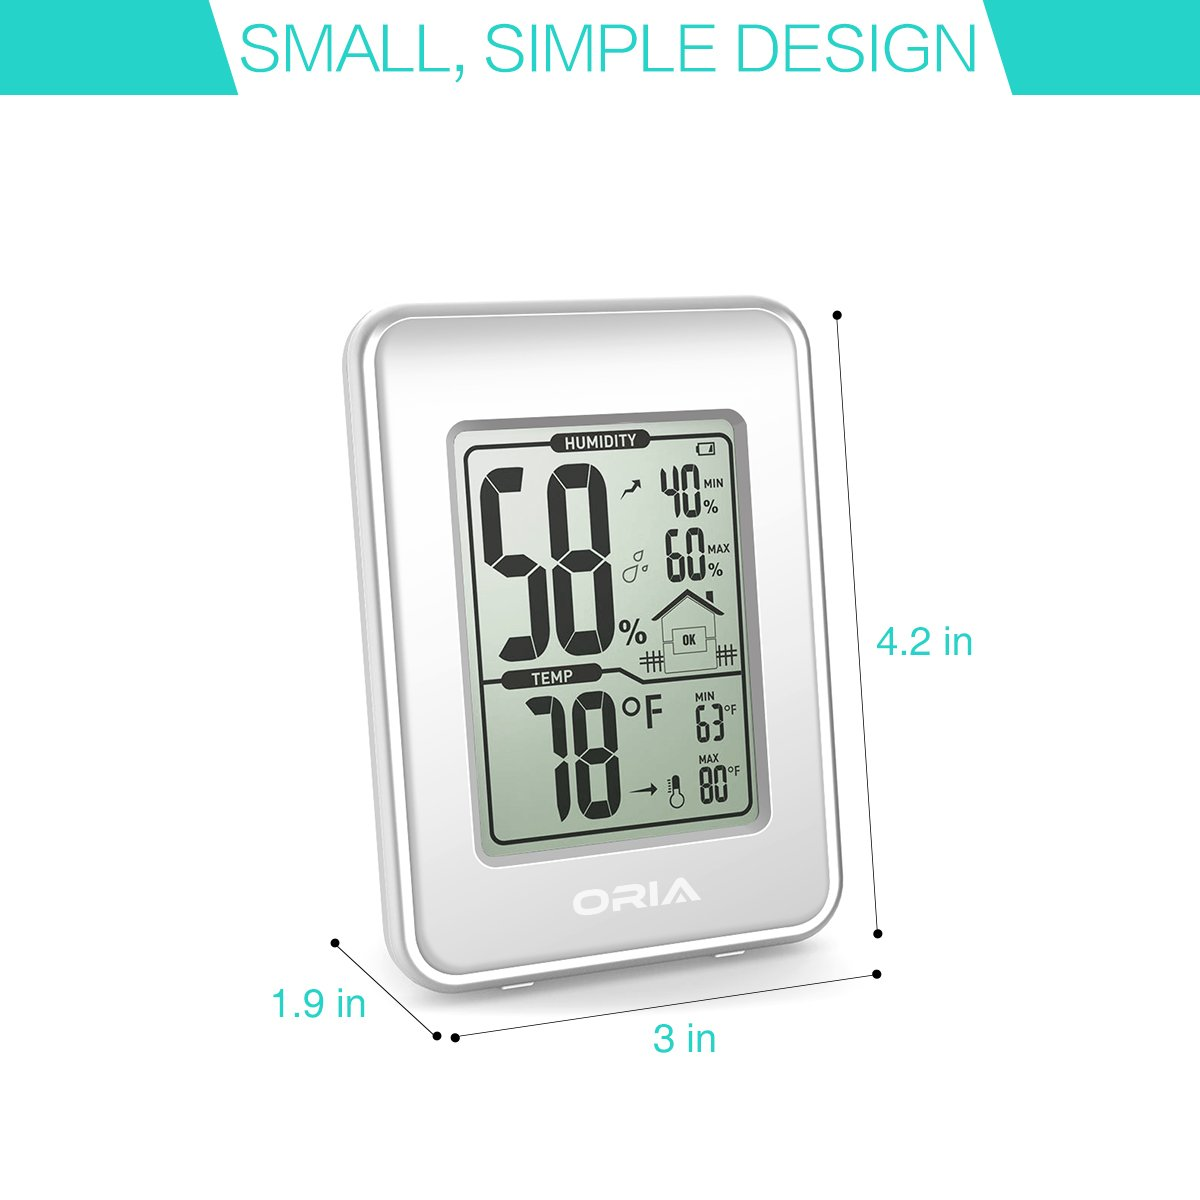 ORIA Digital Termómetro, gran LCD Interior higrómetro termómetro higrómetro de térmica, Medidor de temperatura termómetro Monitor con min/max grabaciones, ...